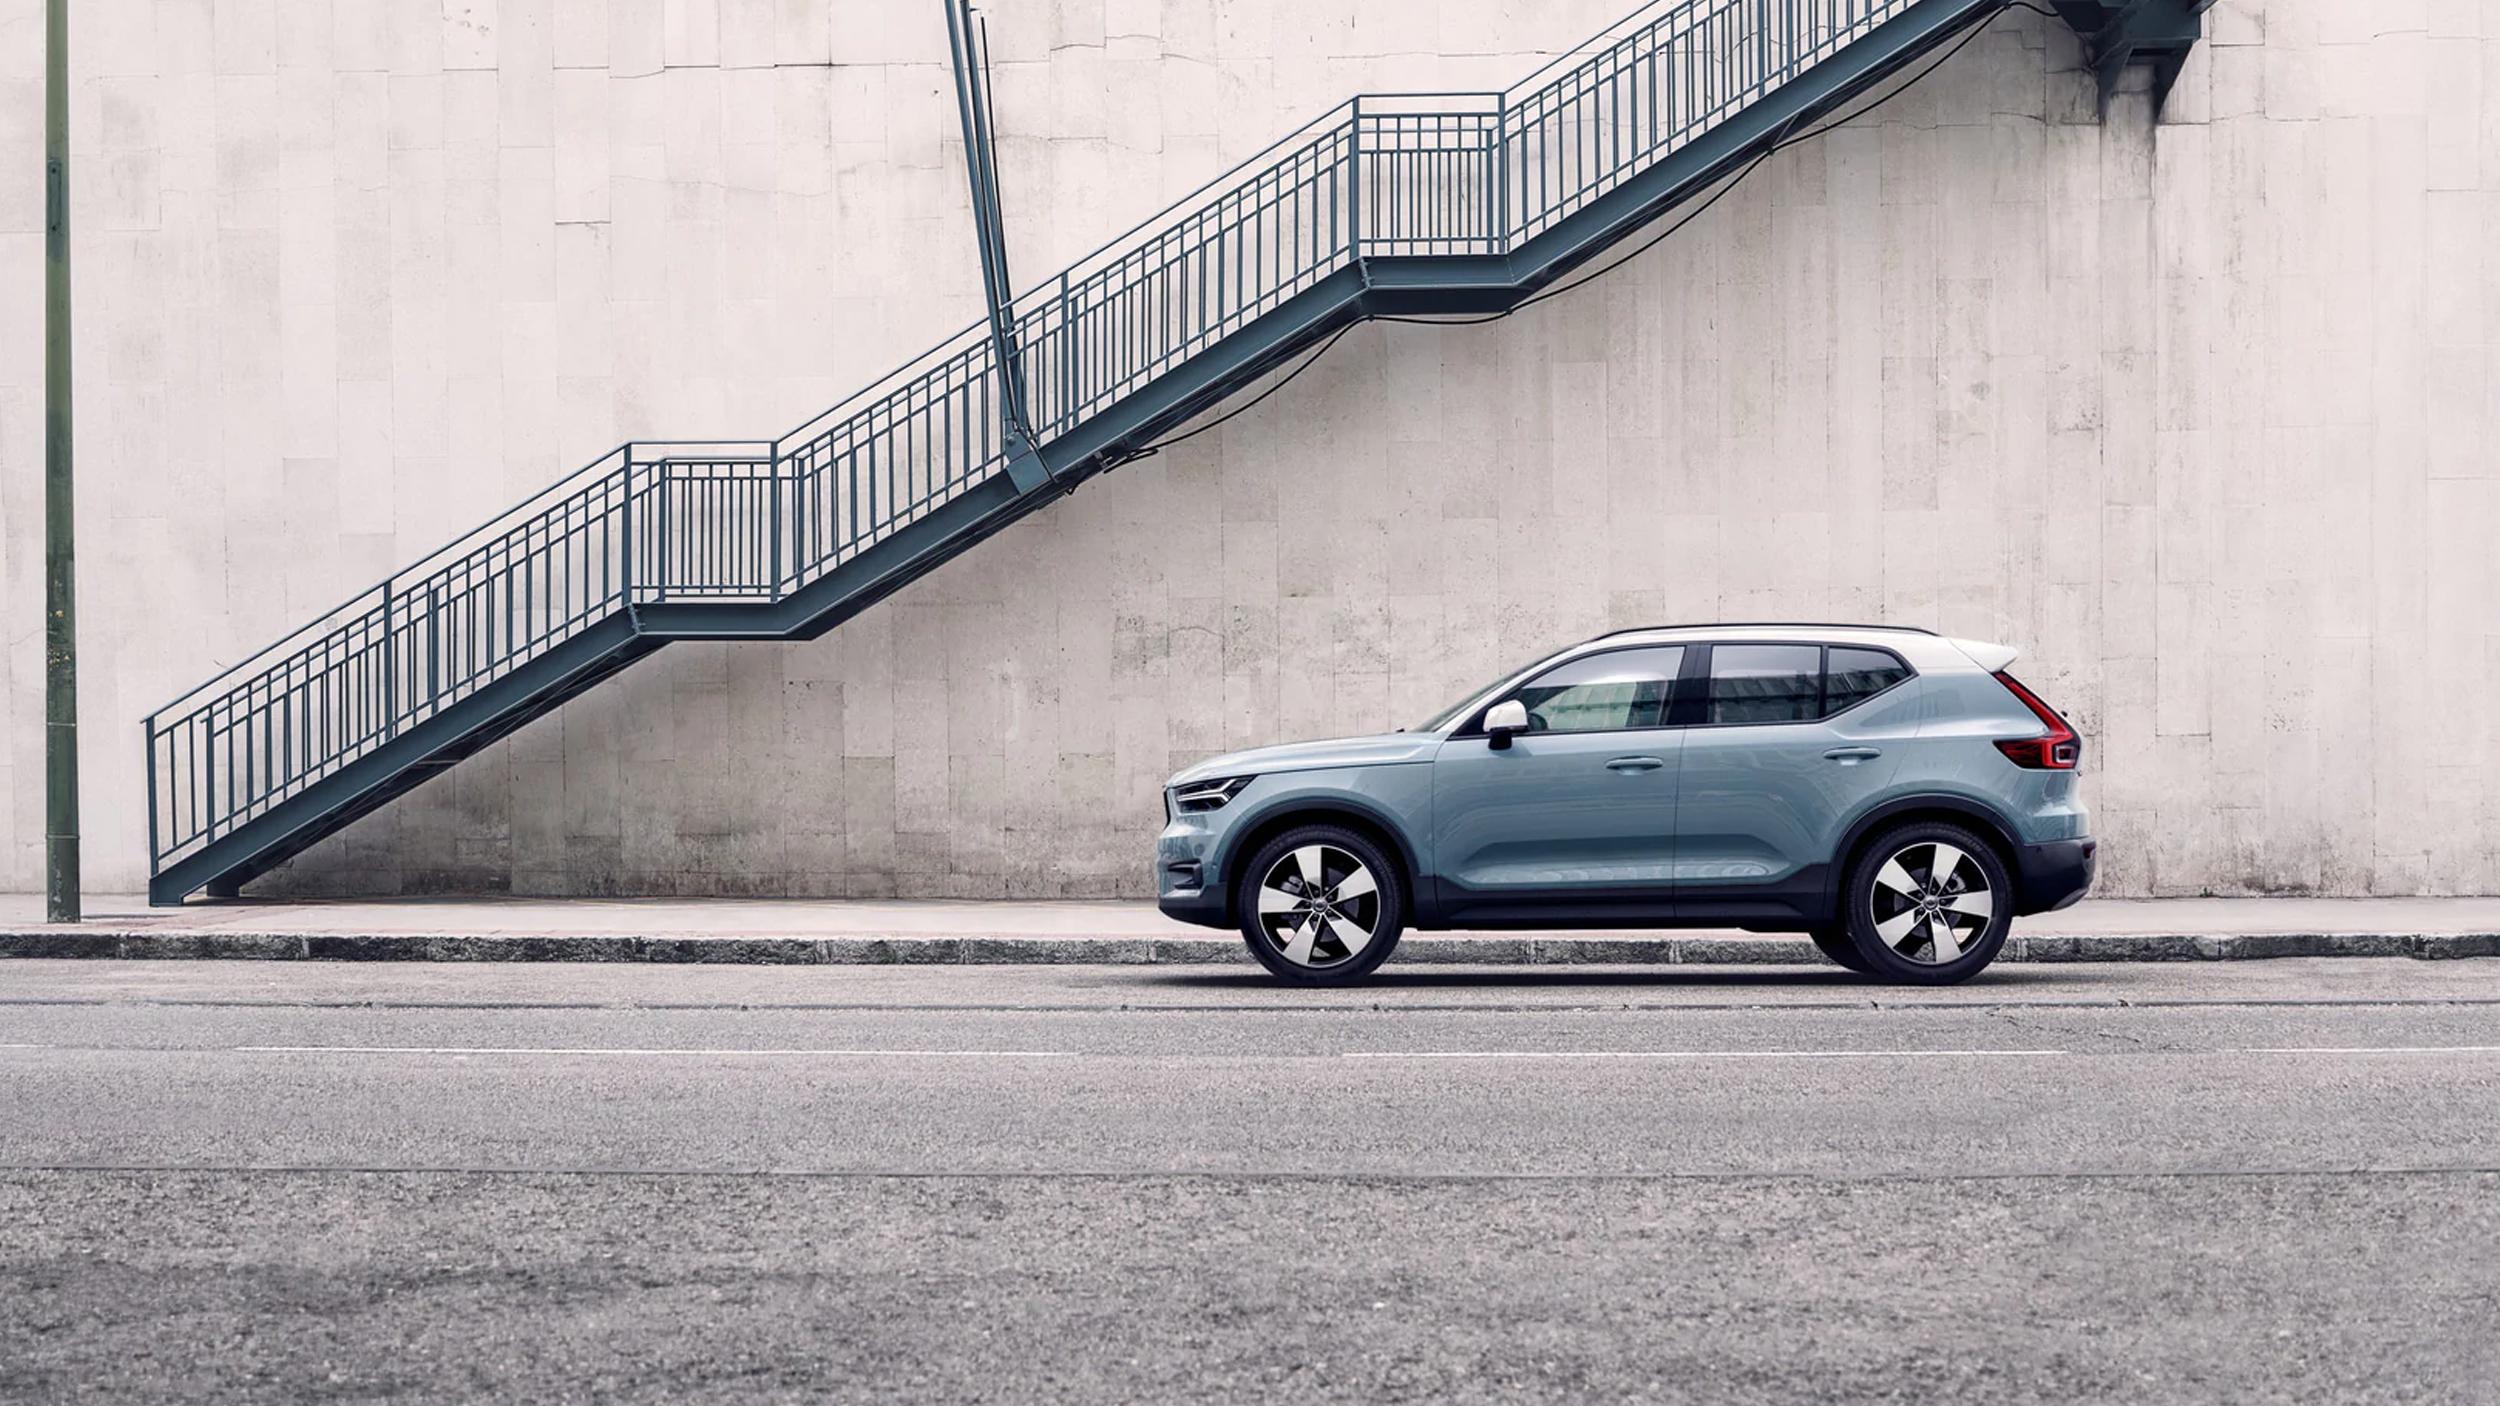 Volvo Van Houdt Wij sluiten onze deuren t.e.m. 5 april